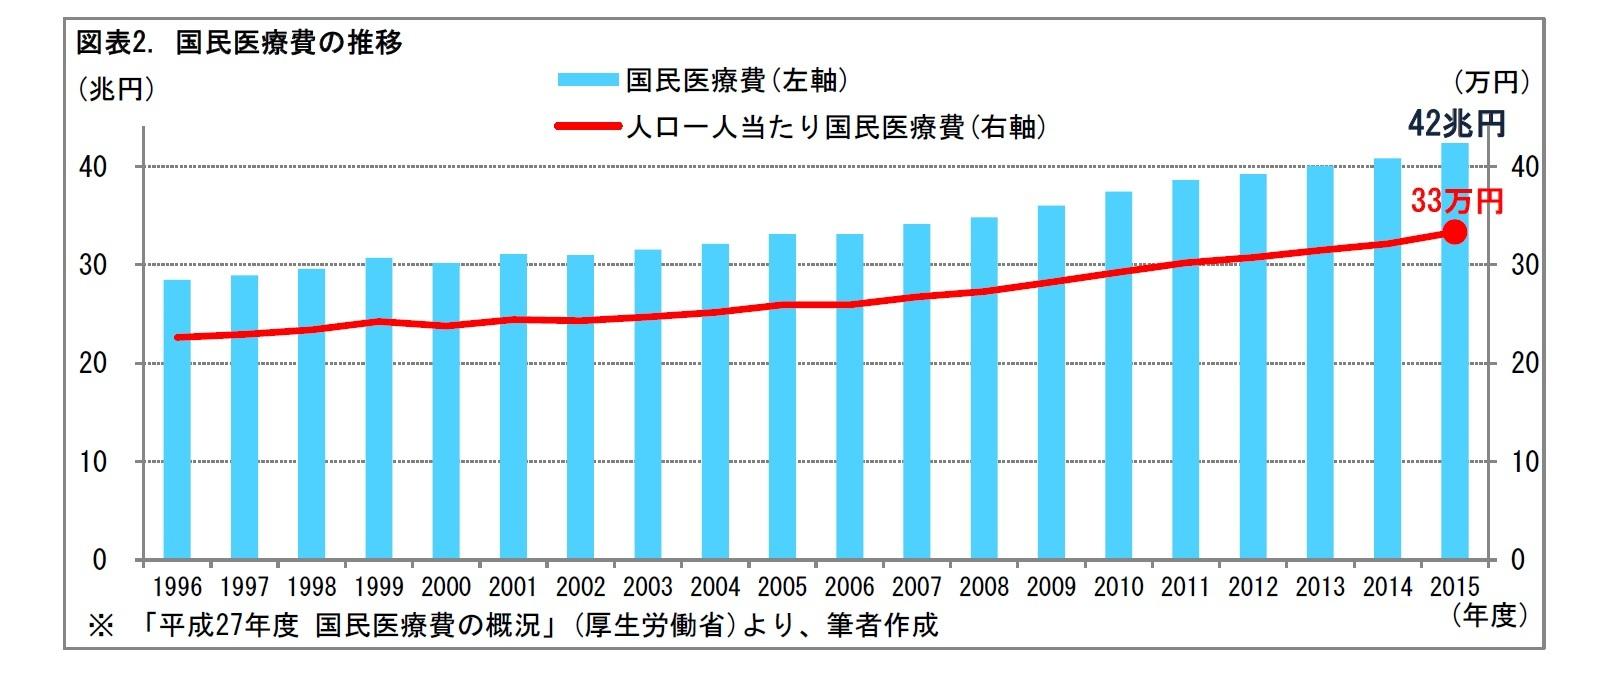 図表2. 国民医療費の推移